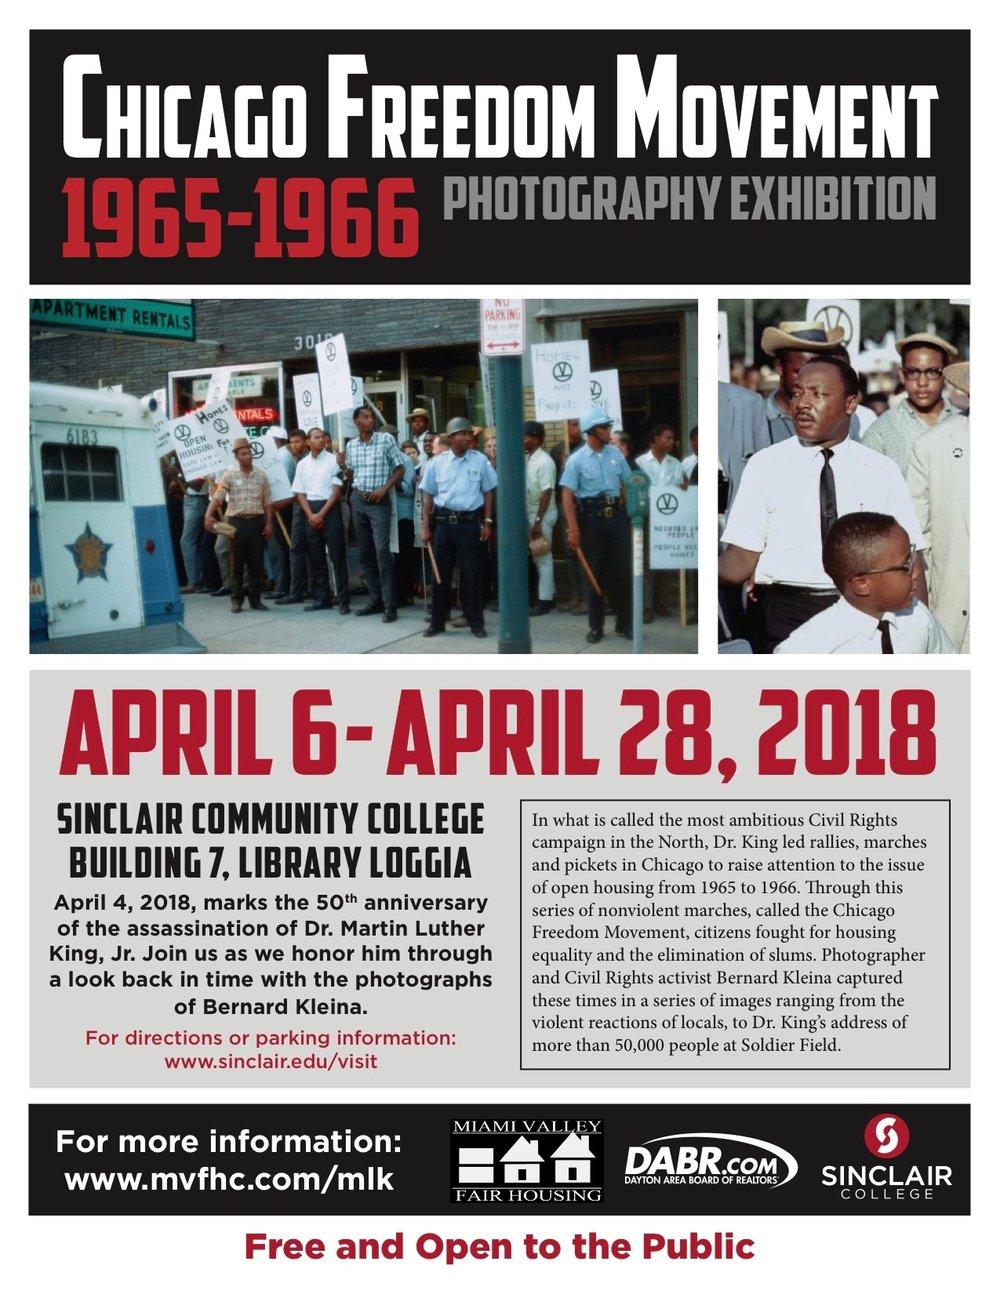 MLK Photo Exhibit Flyer (1).jpg